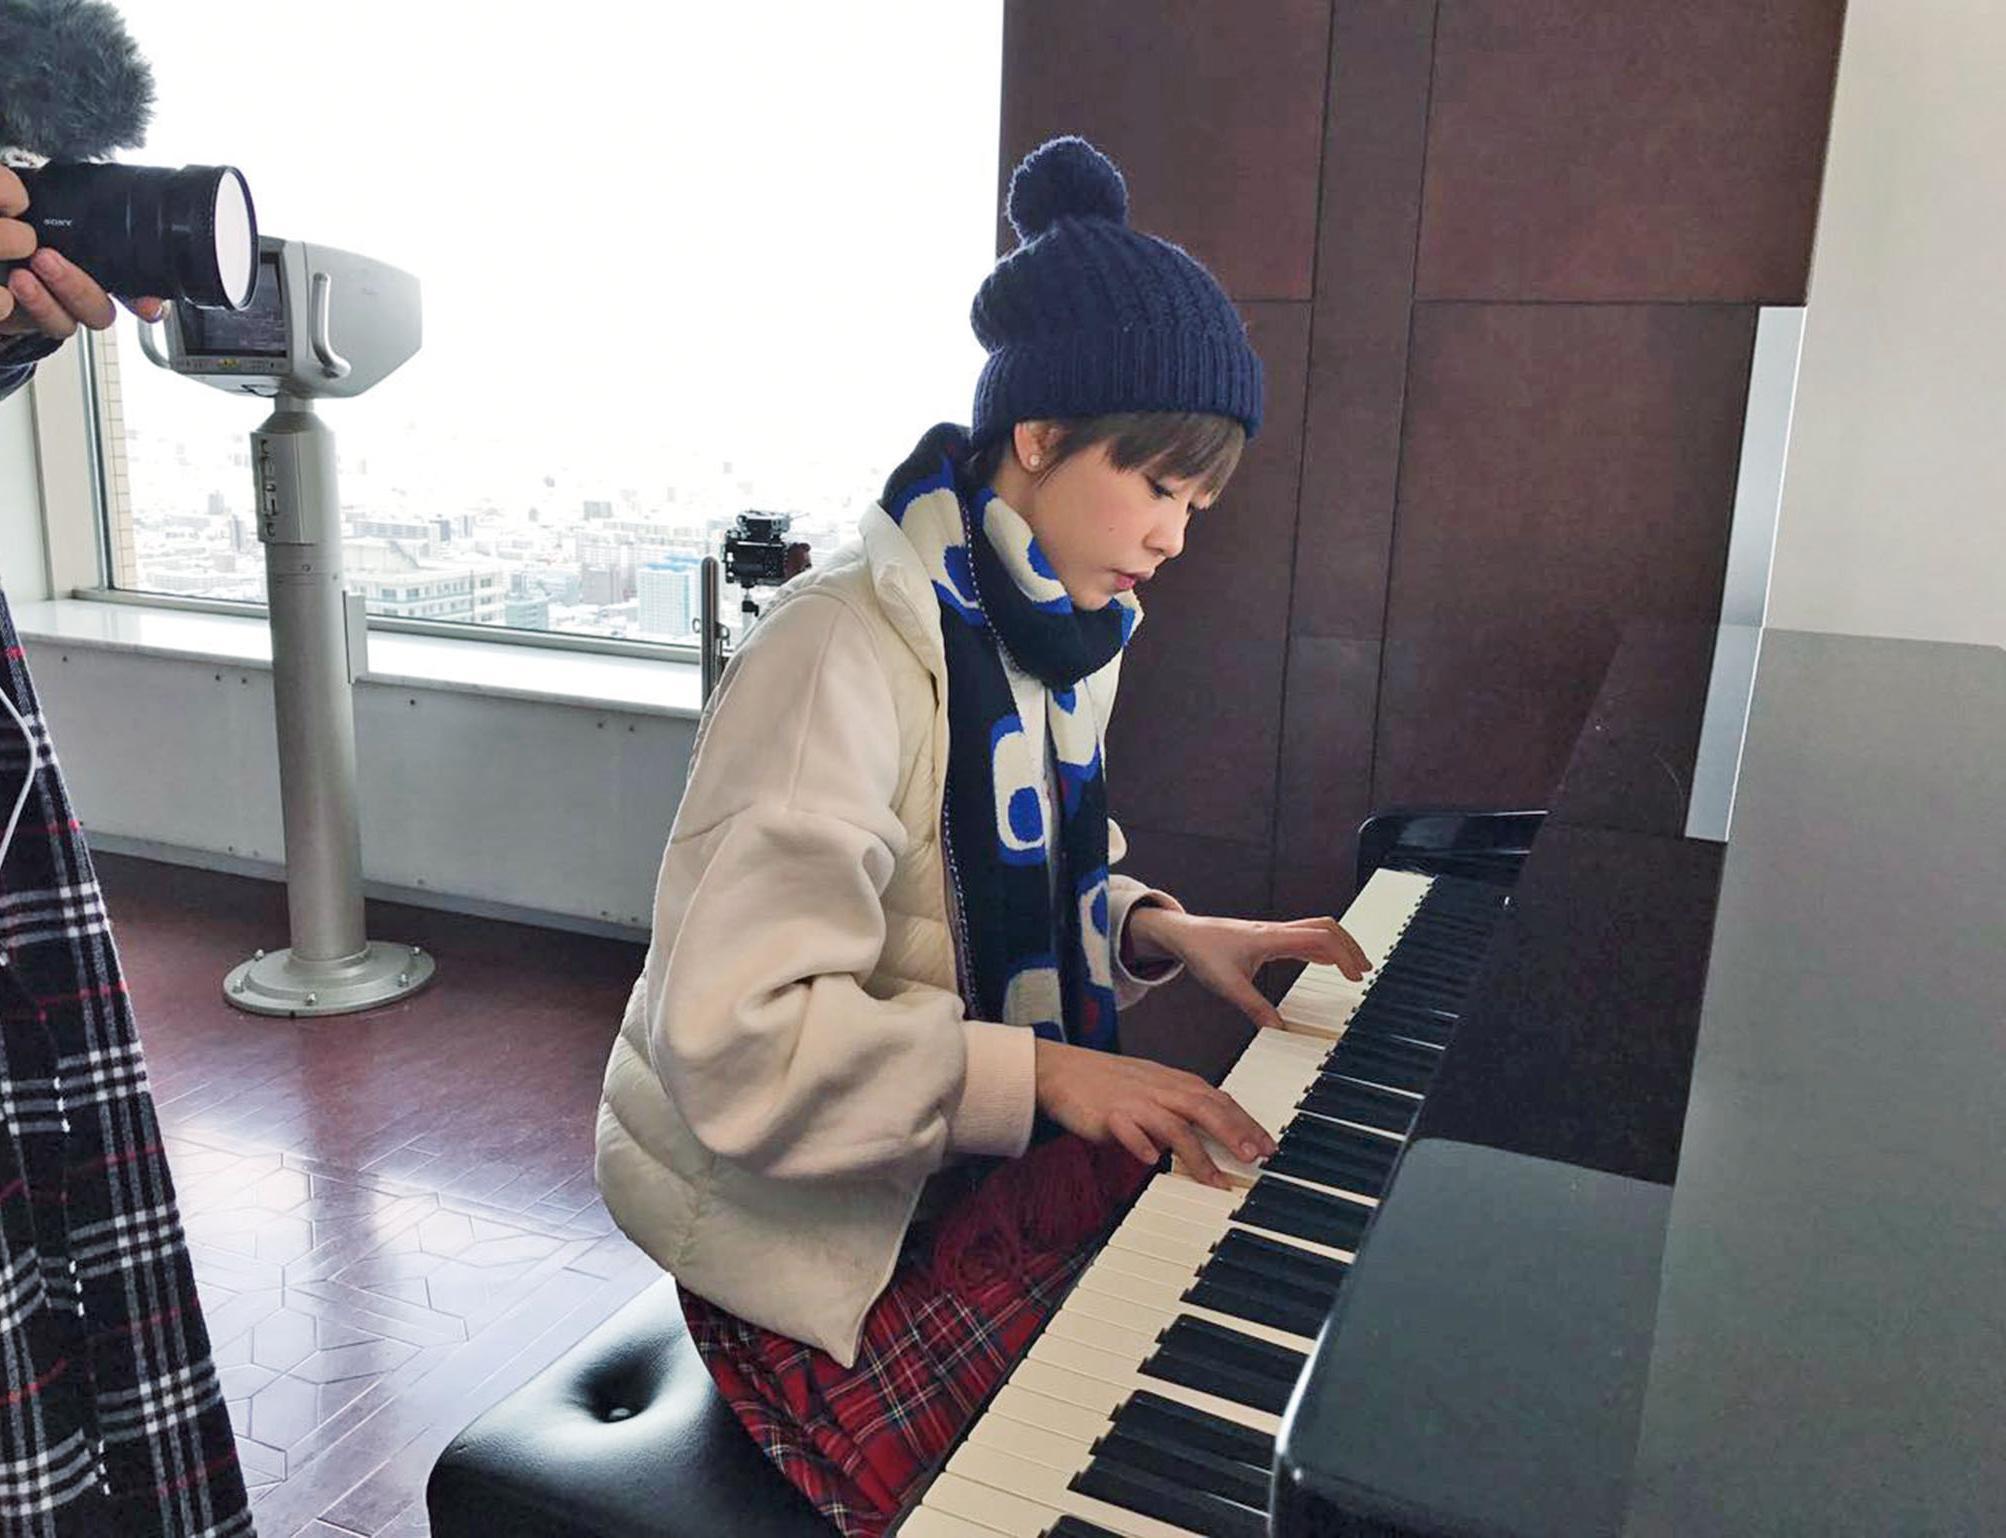 見鋼琴即技癢